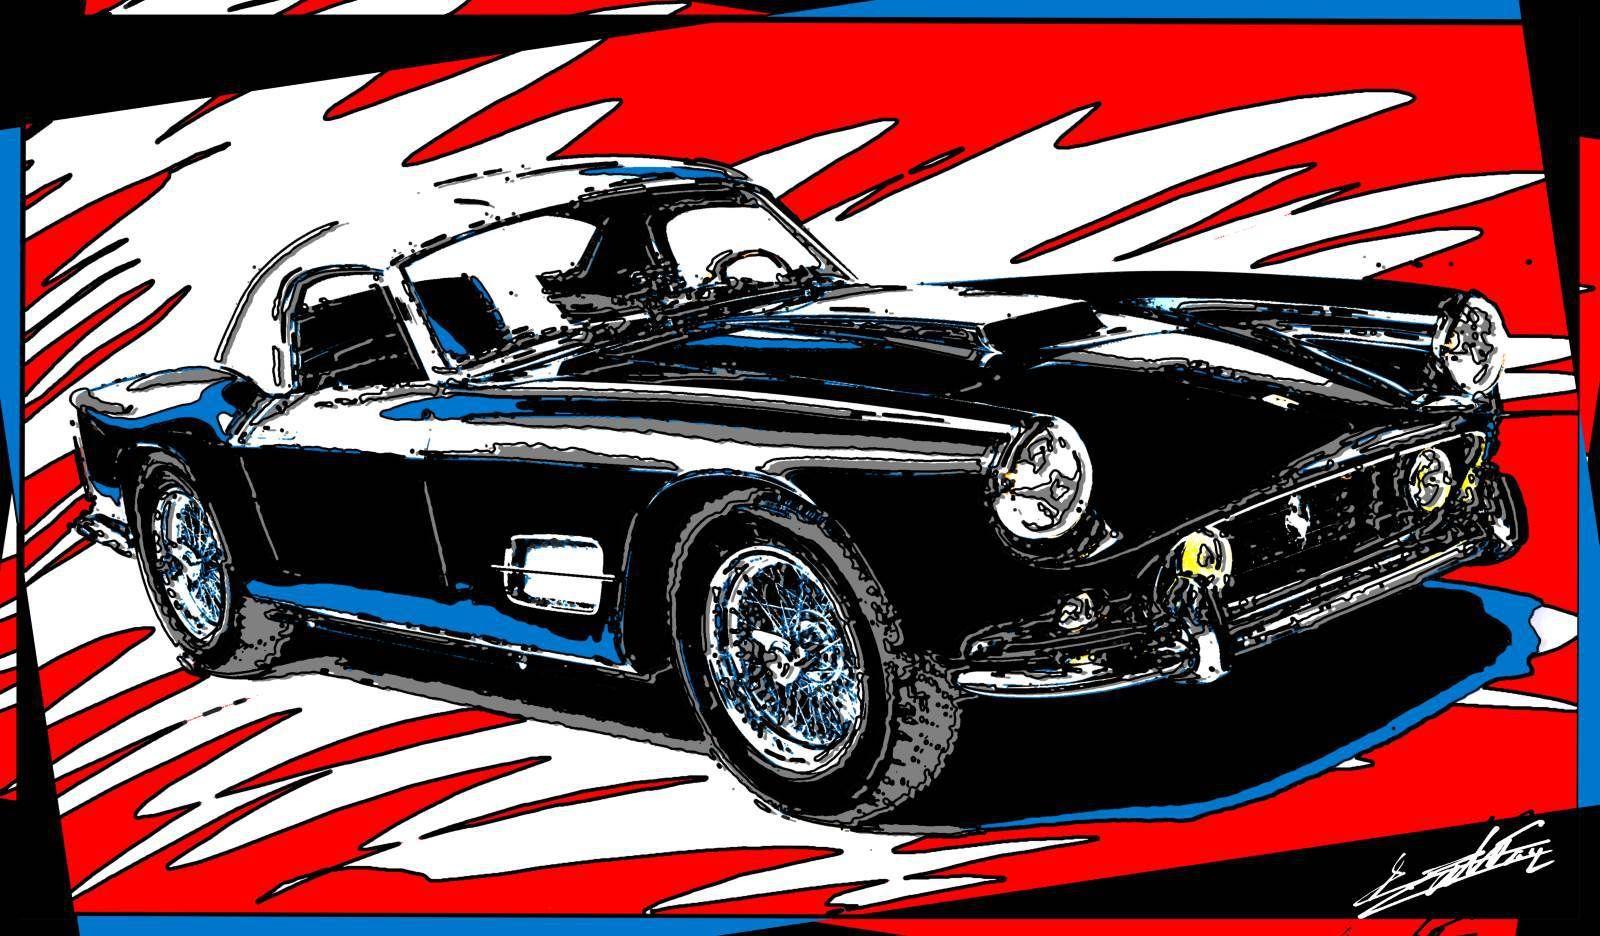 Tableau Ferrari Ancienne Peinture Voiture Sport Pop Art Moderne Alain Delon Supercars Voiture De Sport Voiture